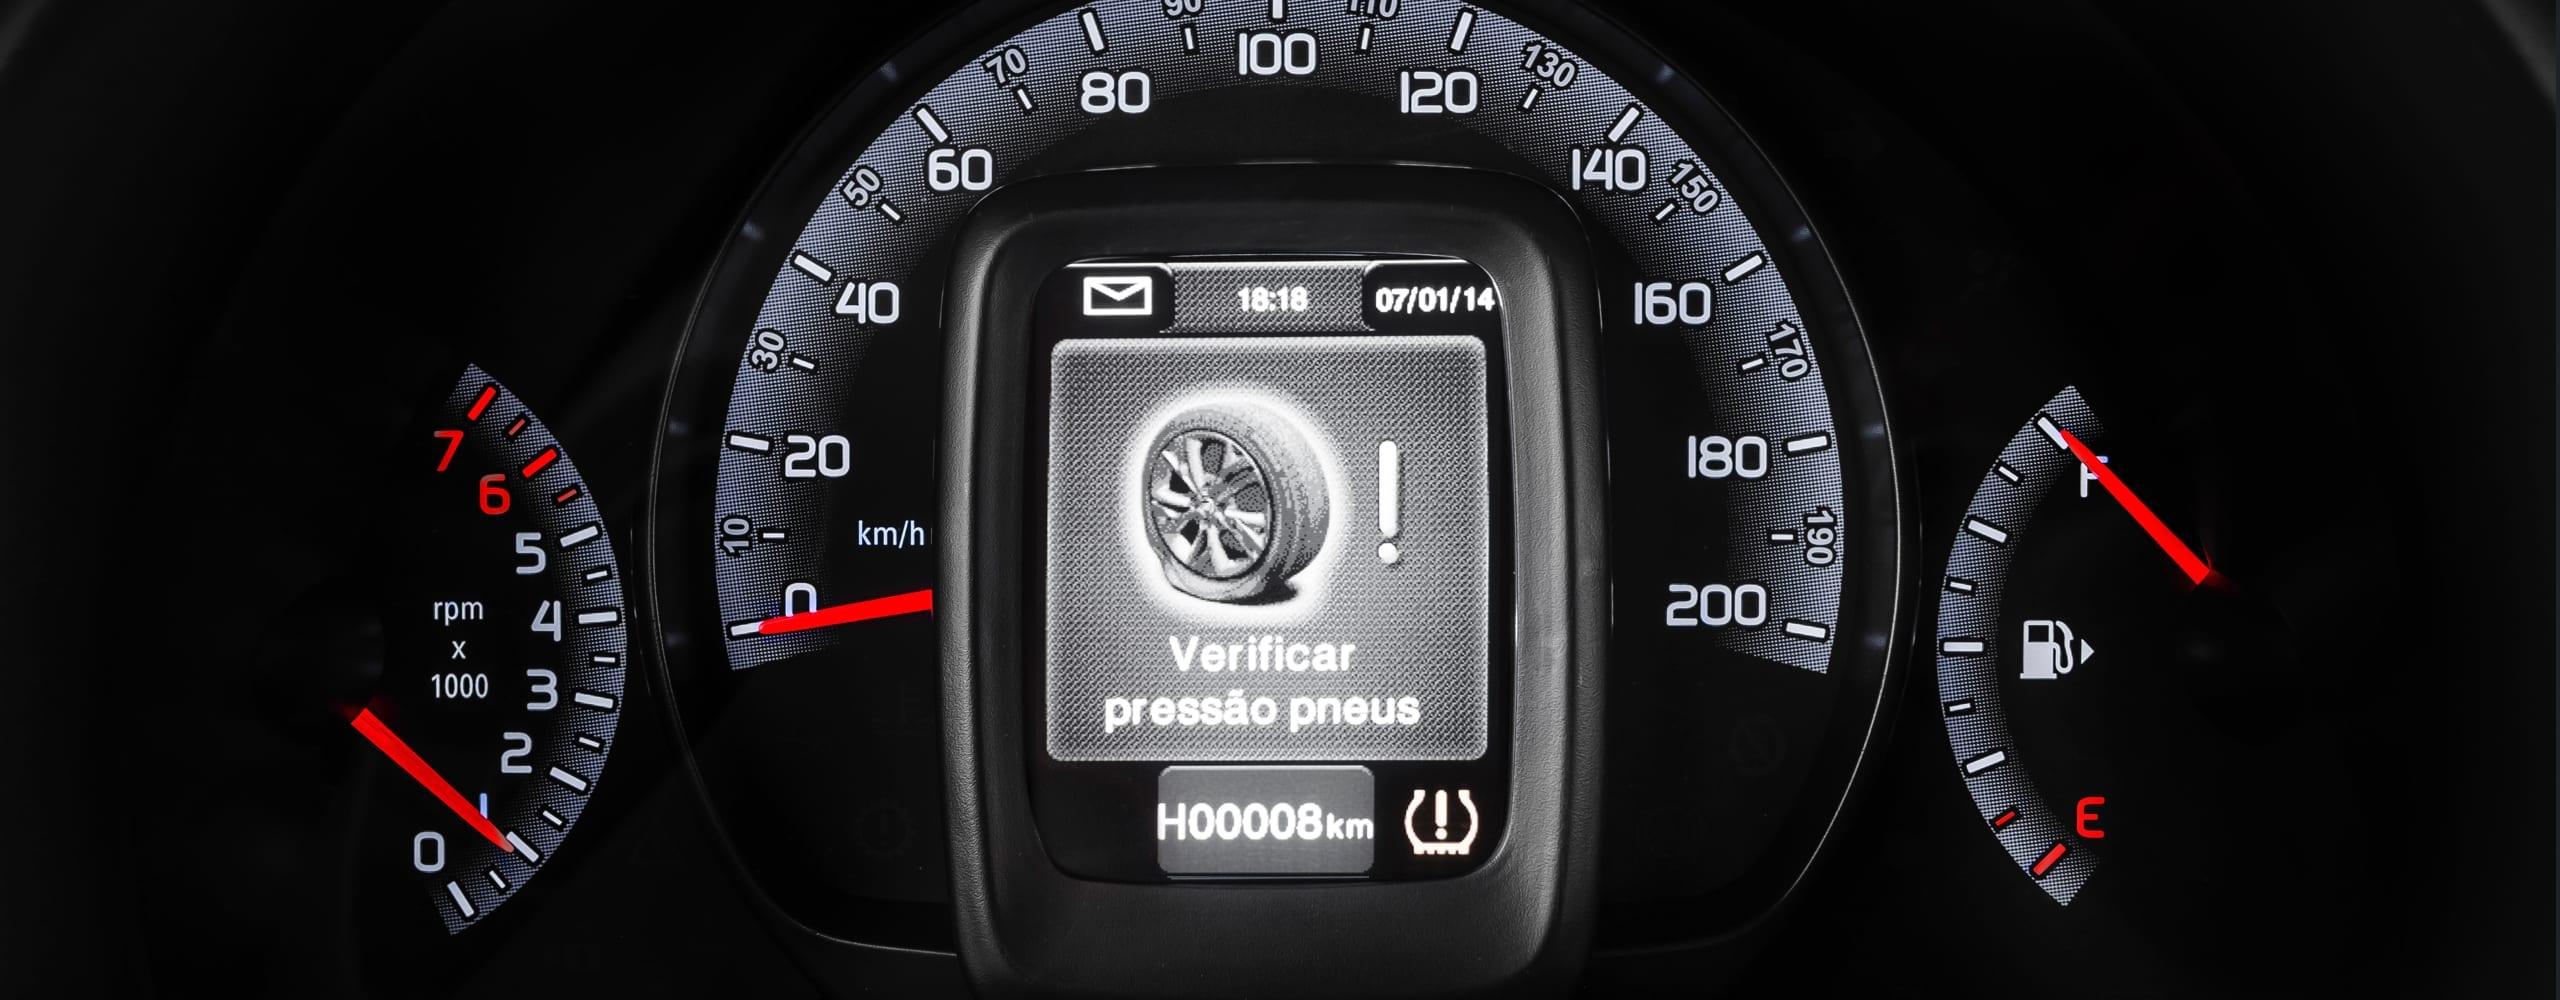 capa velocimetro1 Uno - Concessionária e Revenda Autorizada Fiat em Santa Catarina, SC | Carboni Fiat